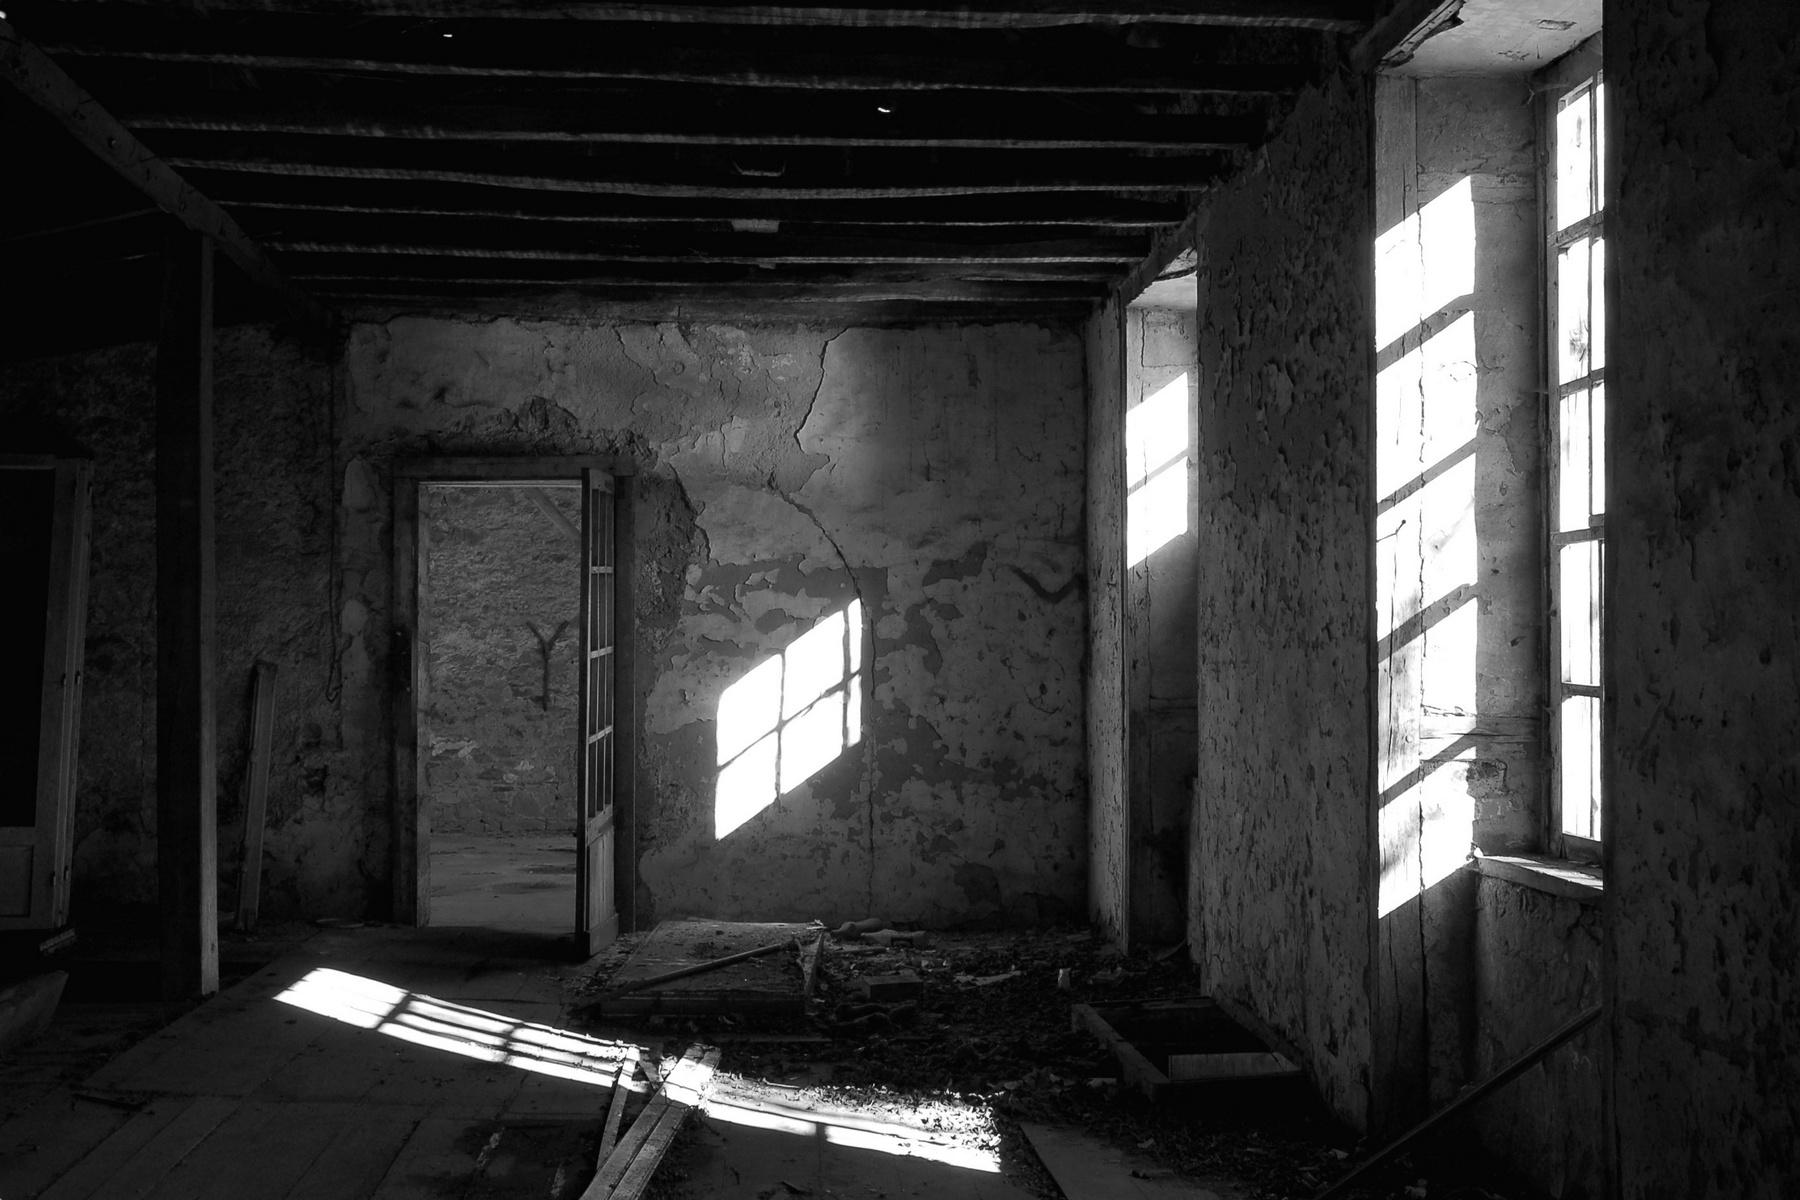 interieur-sombre